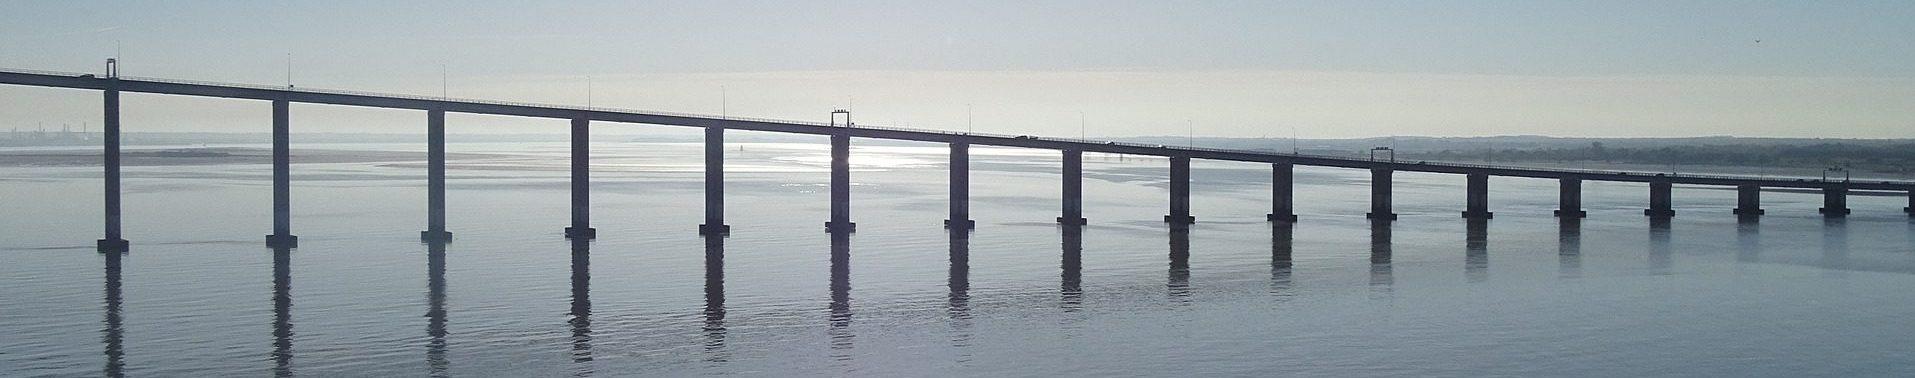 bridge-995026_1920